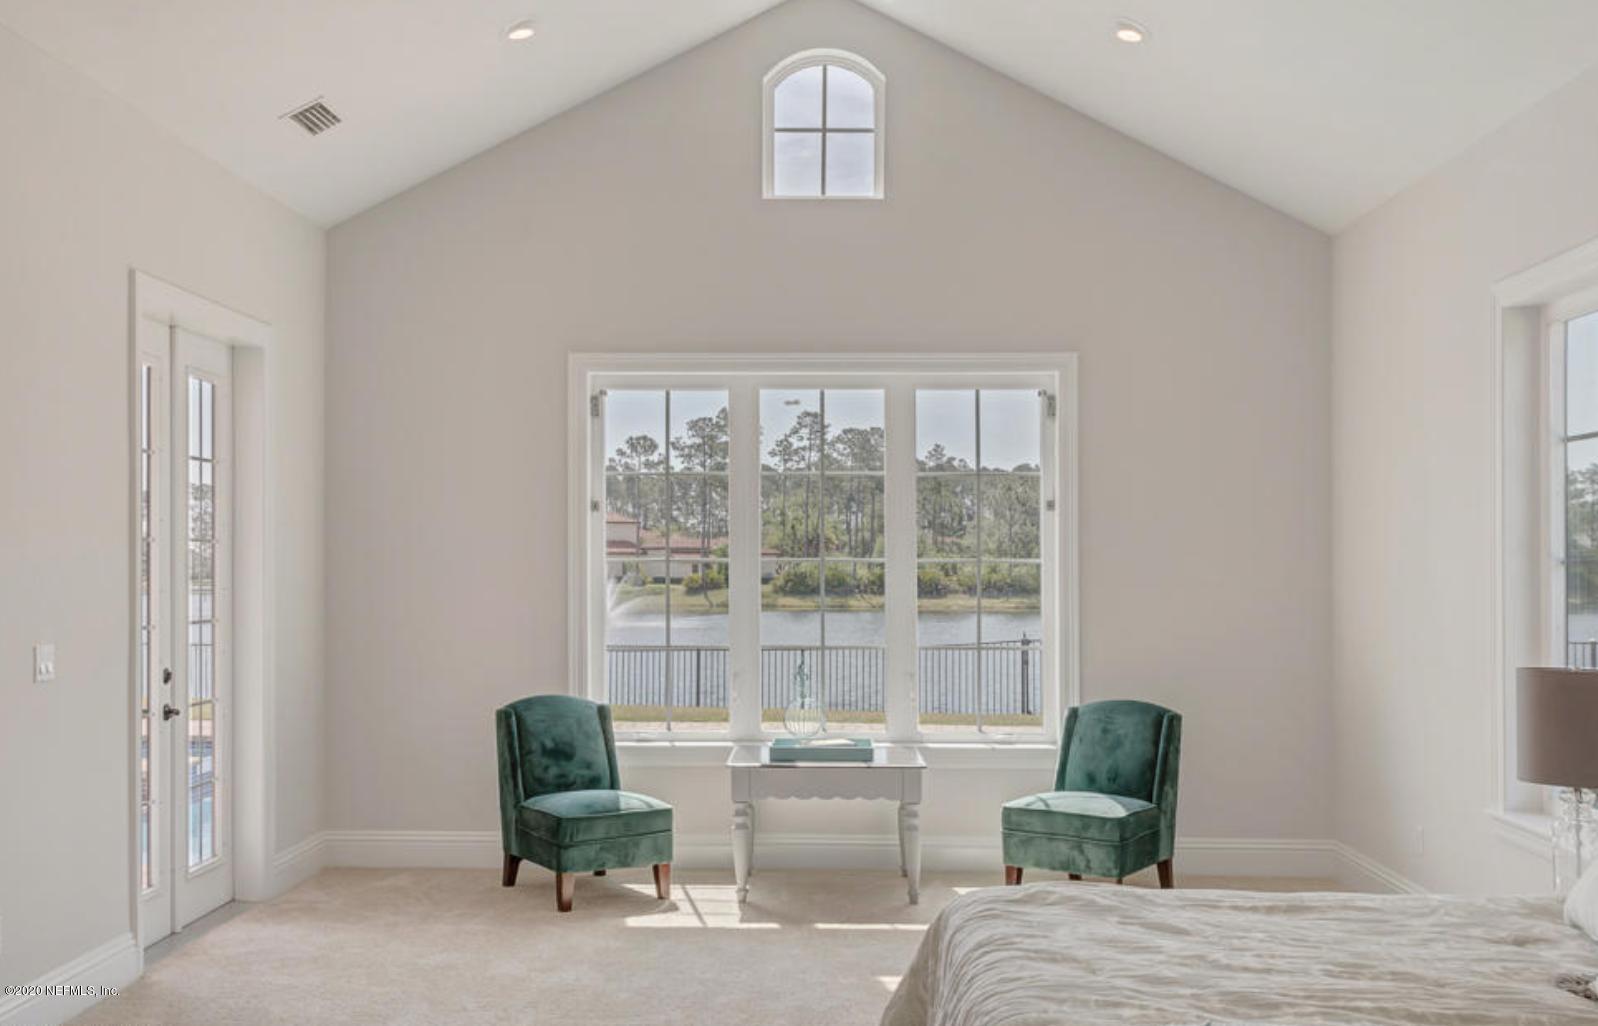 0 LOT 64 DEACON, BRYCEVILLE, FLORIDA 32009, 3 Bedrooms Bedrooms, ,2 BathroomsBathrooms,Residential,For sale,DEACON,1049581